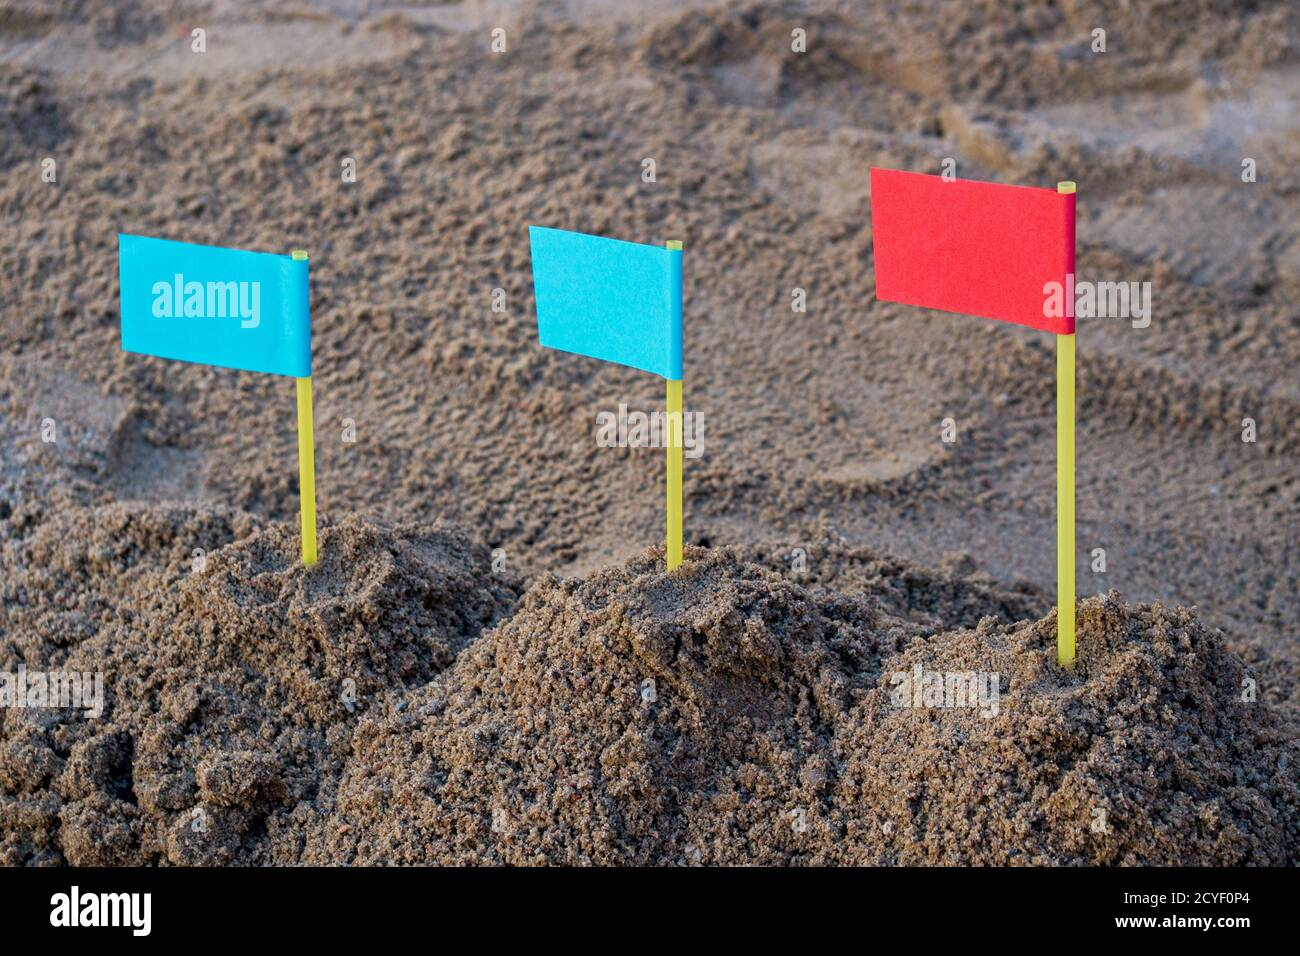 Im Sandkasten drei Sandhügel von links nach rechts mit zwei blauen Fahnen auf der linken und roten Flagge auf der rechten Seite. Konzept: Führung in der Geschäftsstrategie Stockfoto